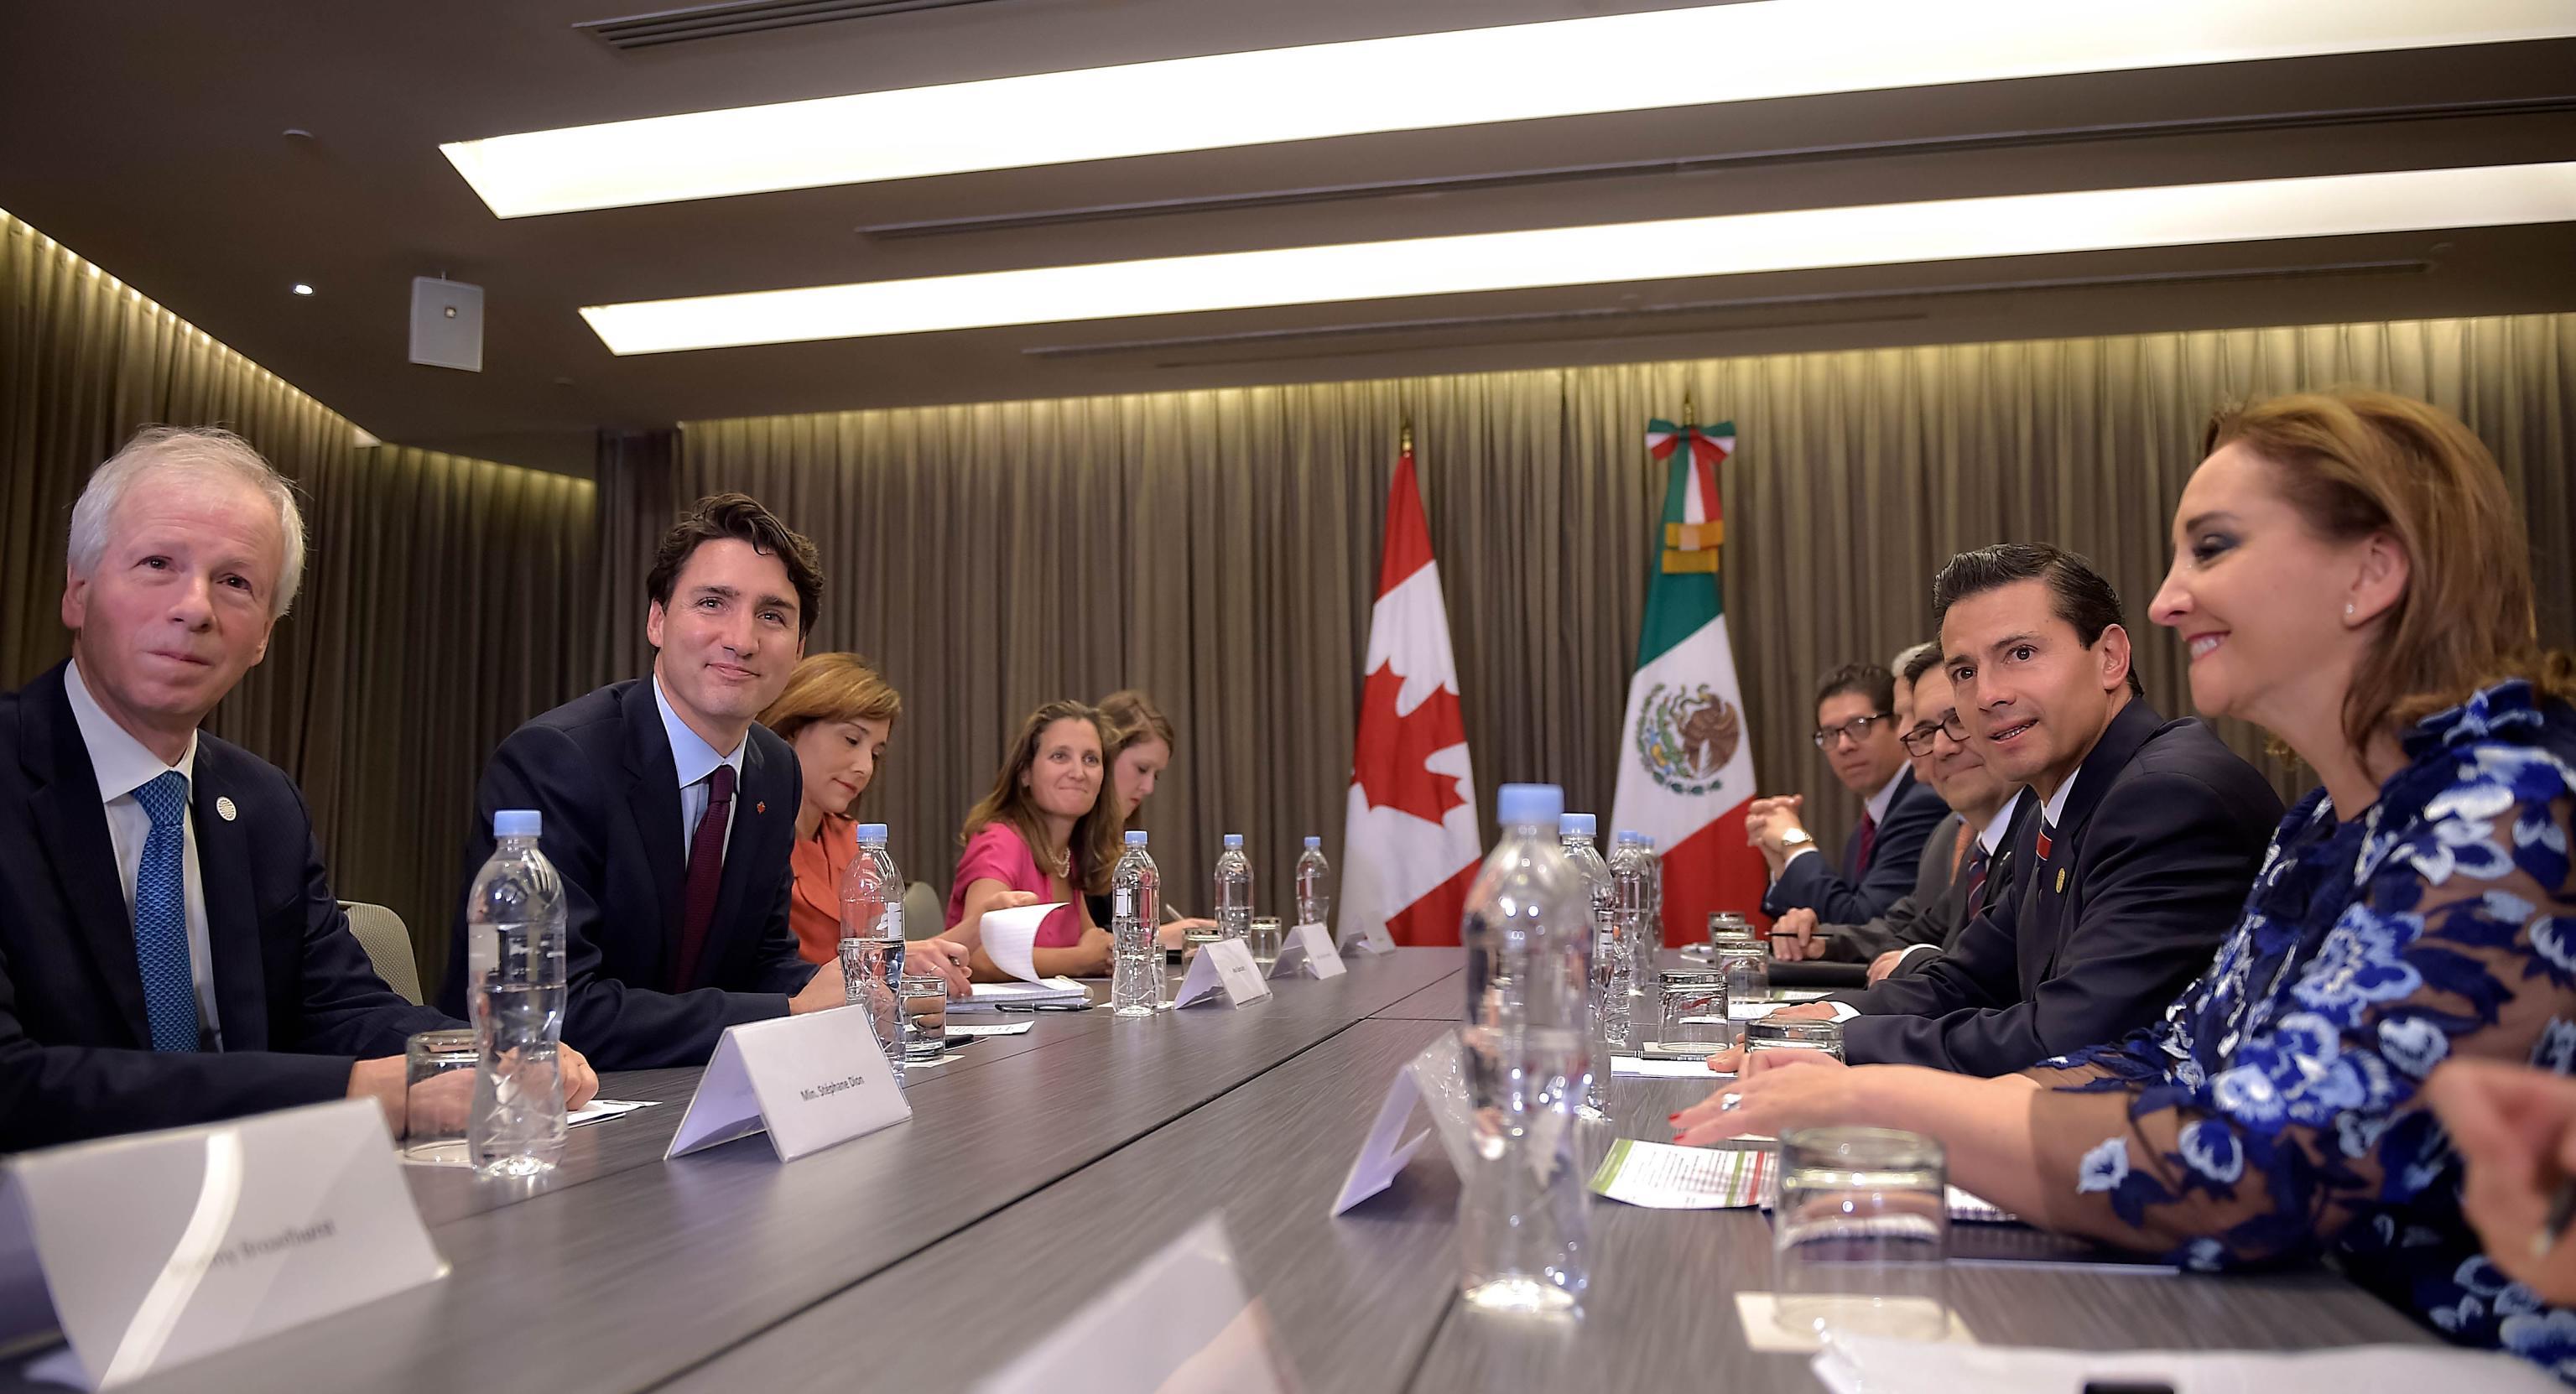 Ambos mandatarios expresaron que, como socios, amigos y aliados, los dos países deben colaborar de manera continua, cercana y efectiva